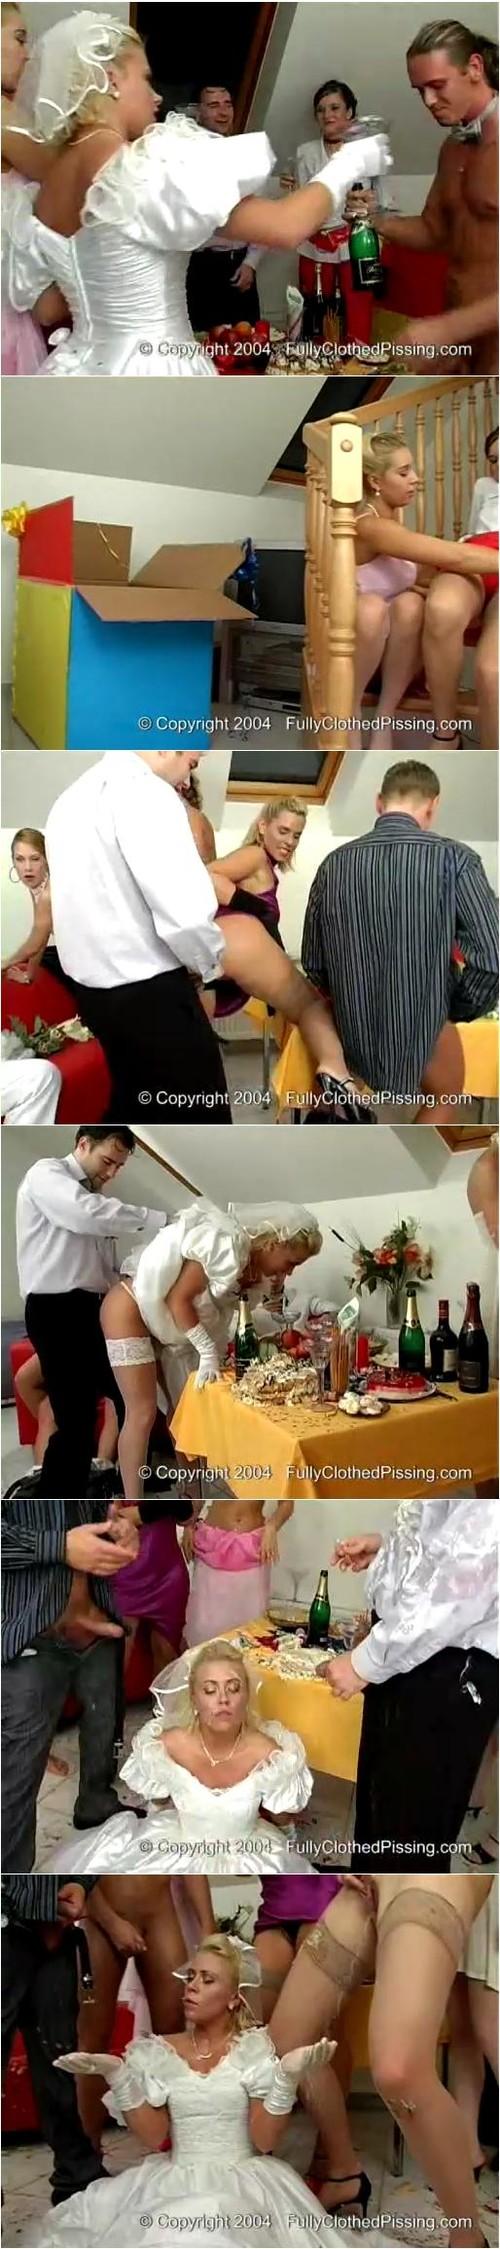 Latina sucking cock oral creampie i meet her at 2easysex.com